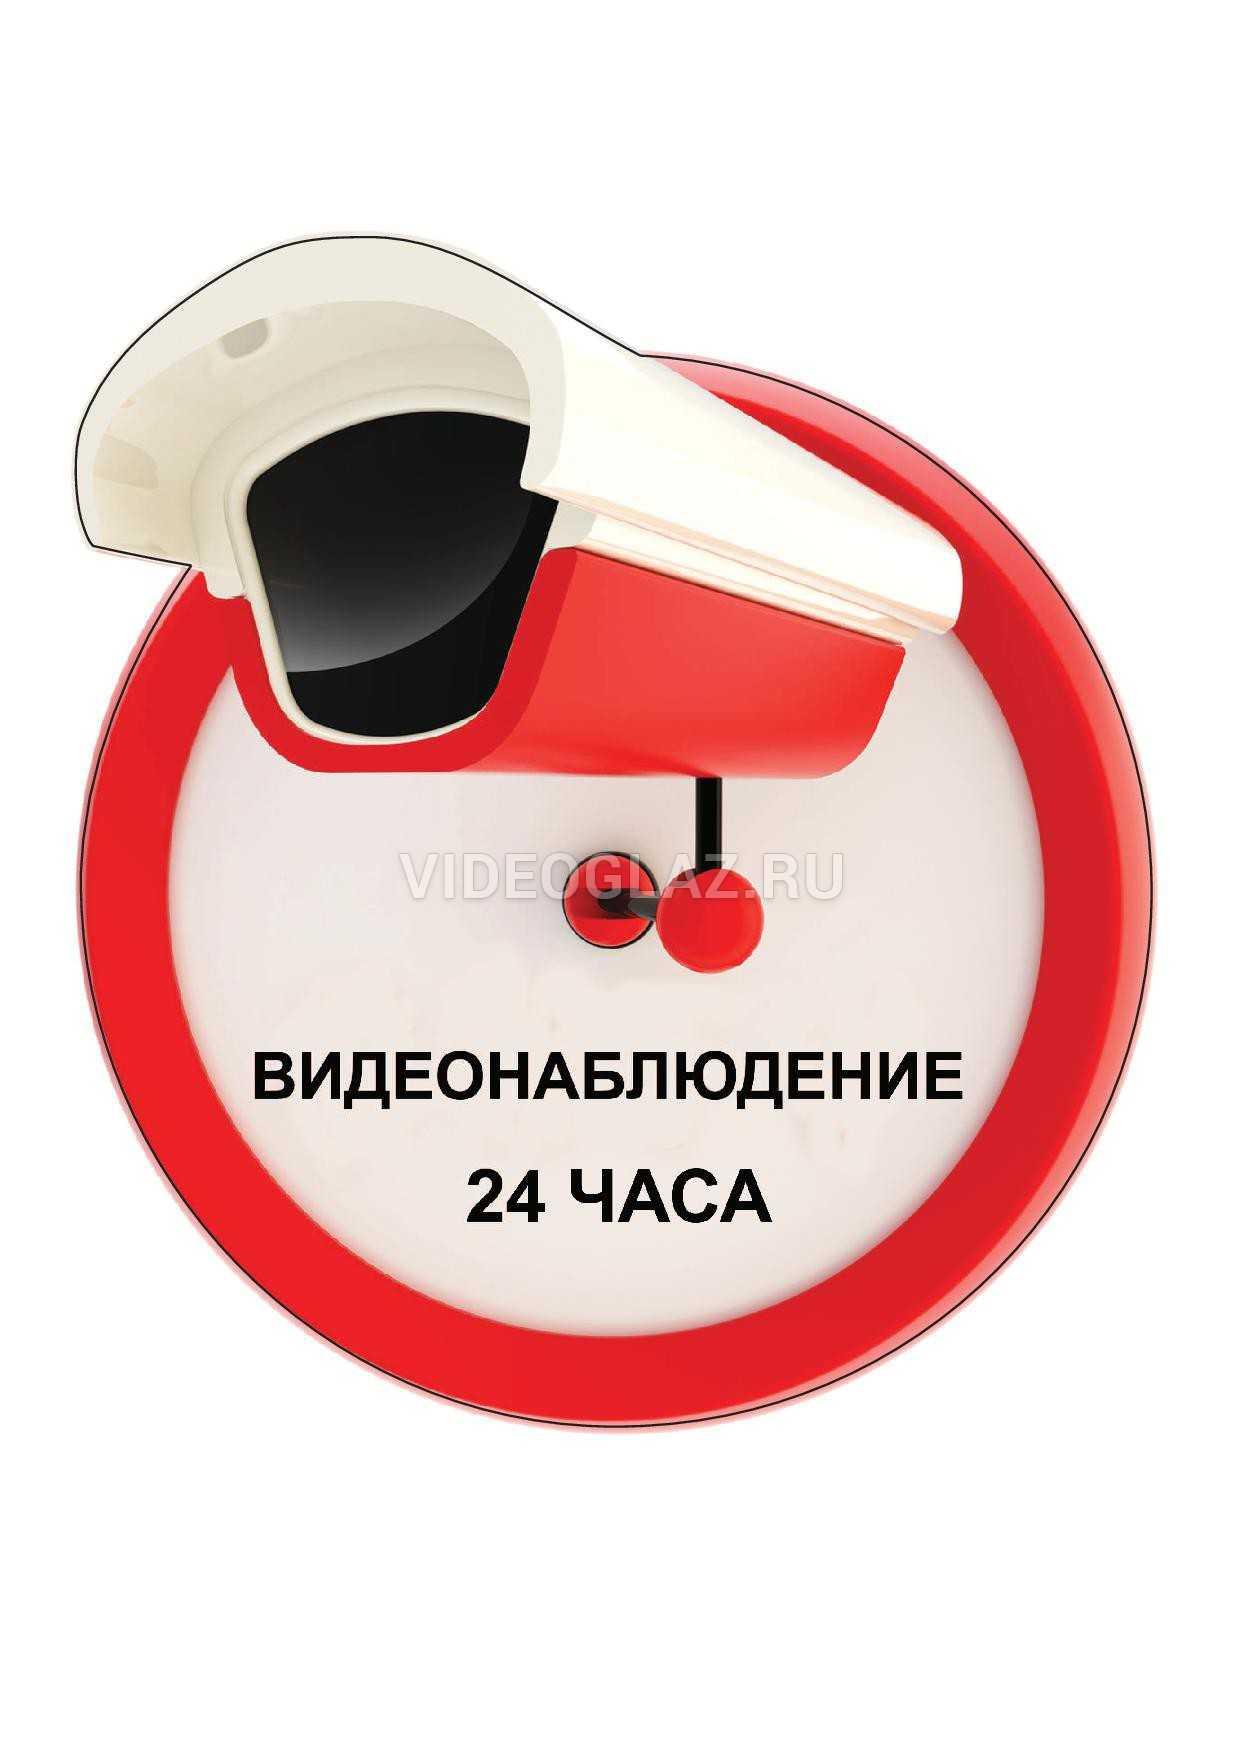 """Наклейка самоклеющаяся """"Видеонаблюдение 24 часа"""" красная для внутренних помещений"""